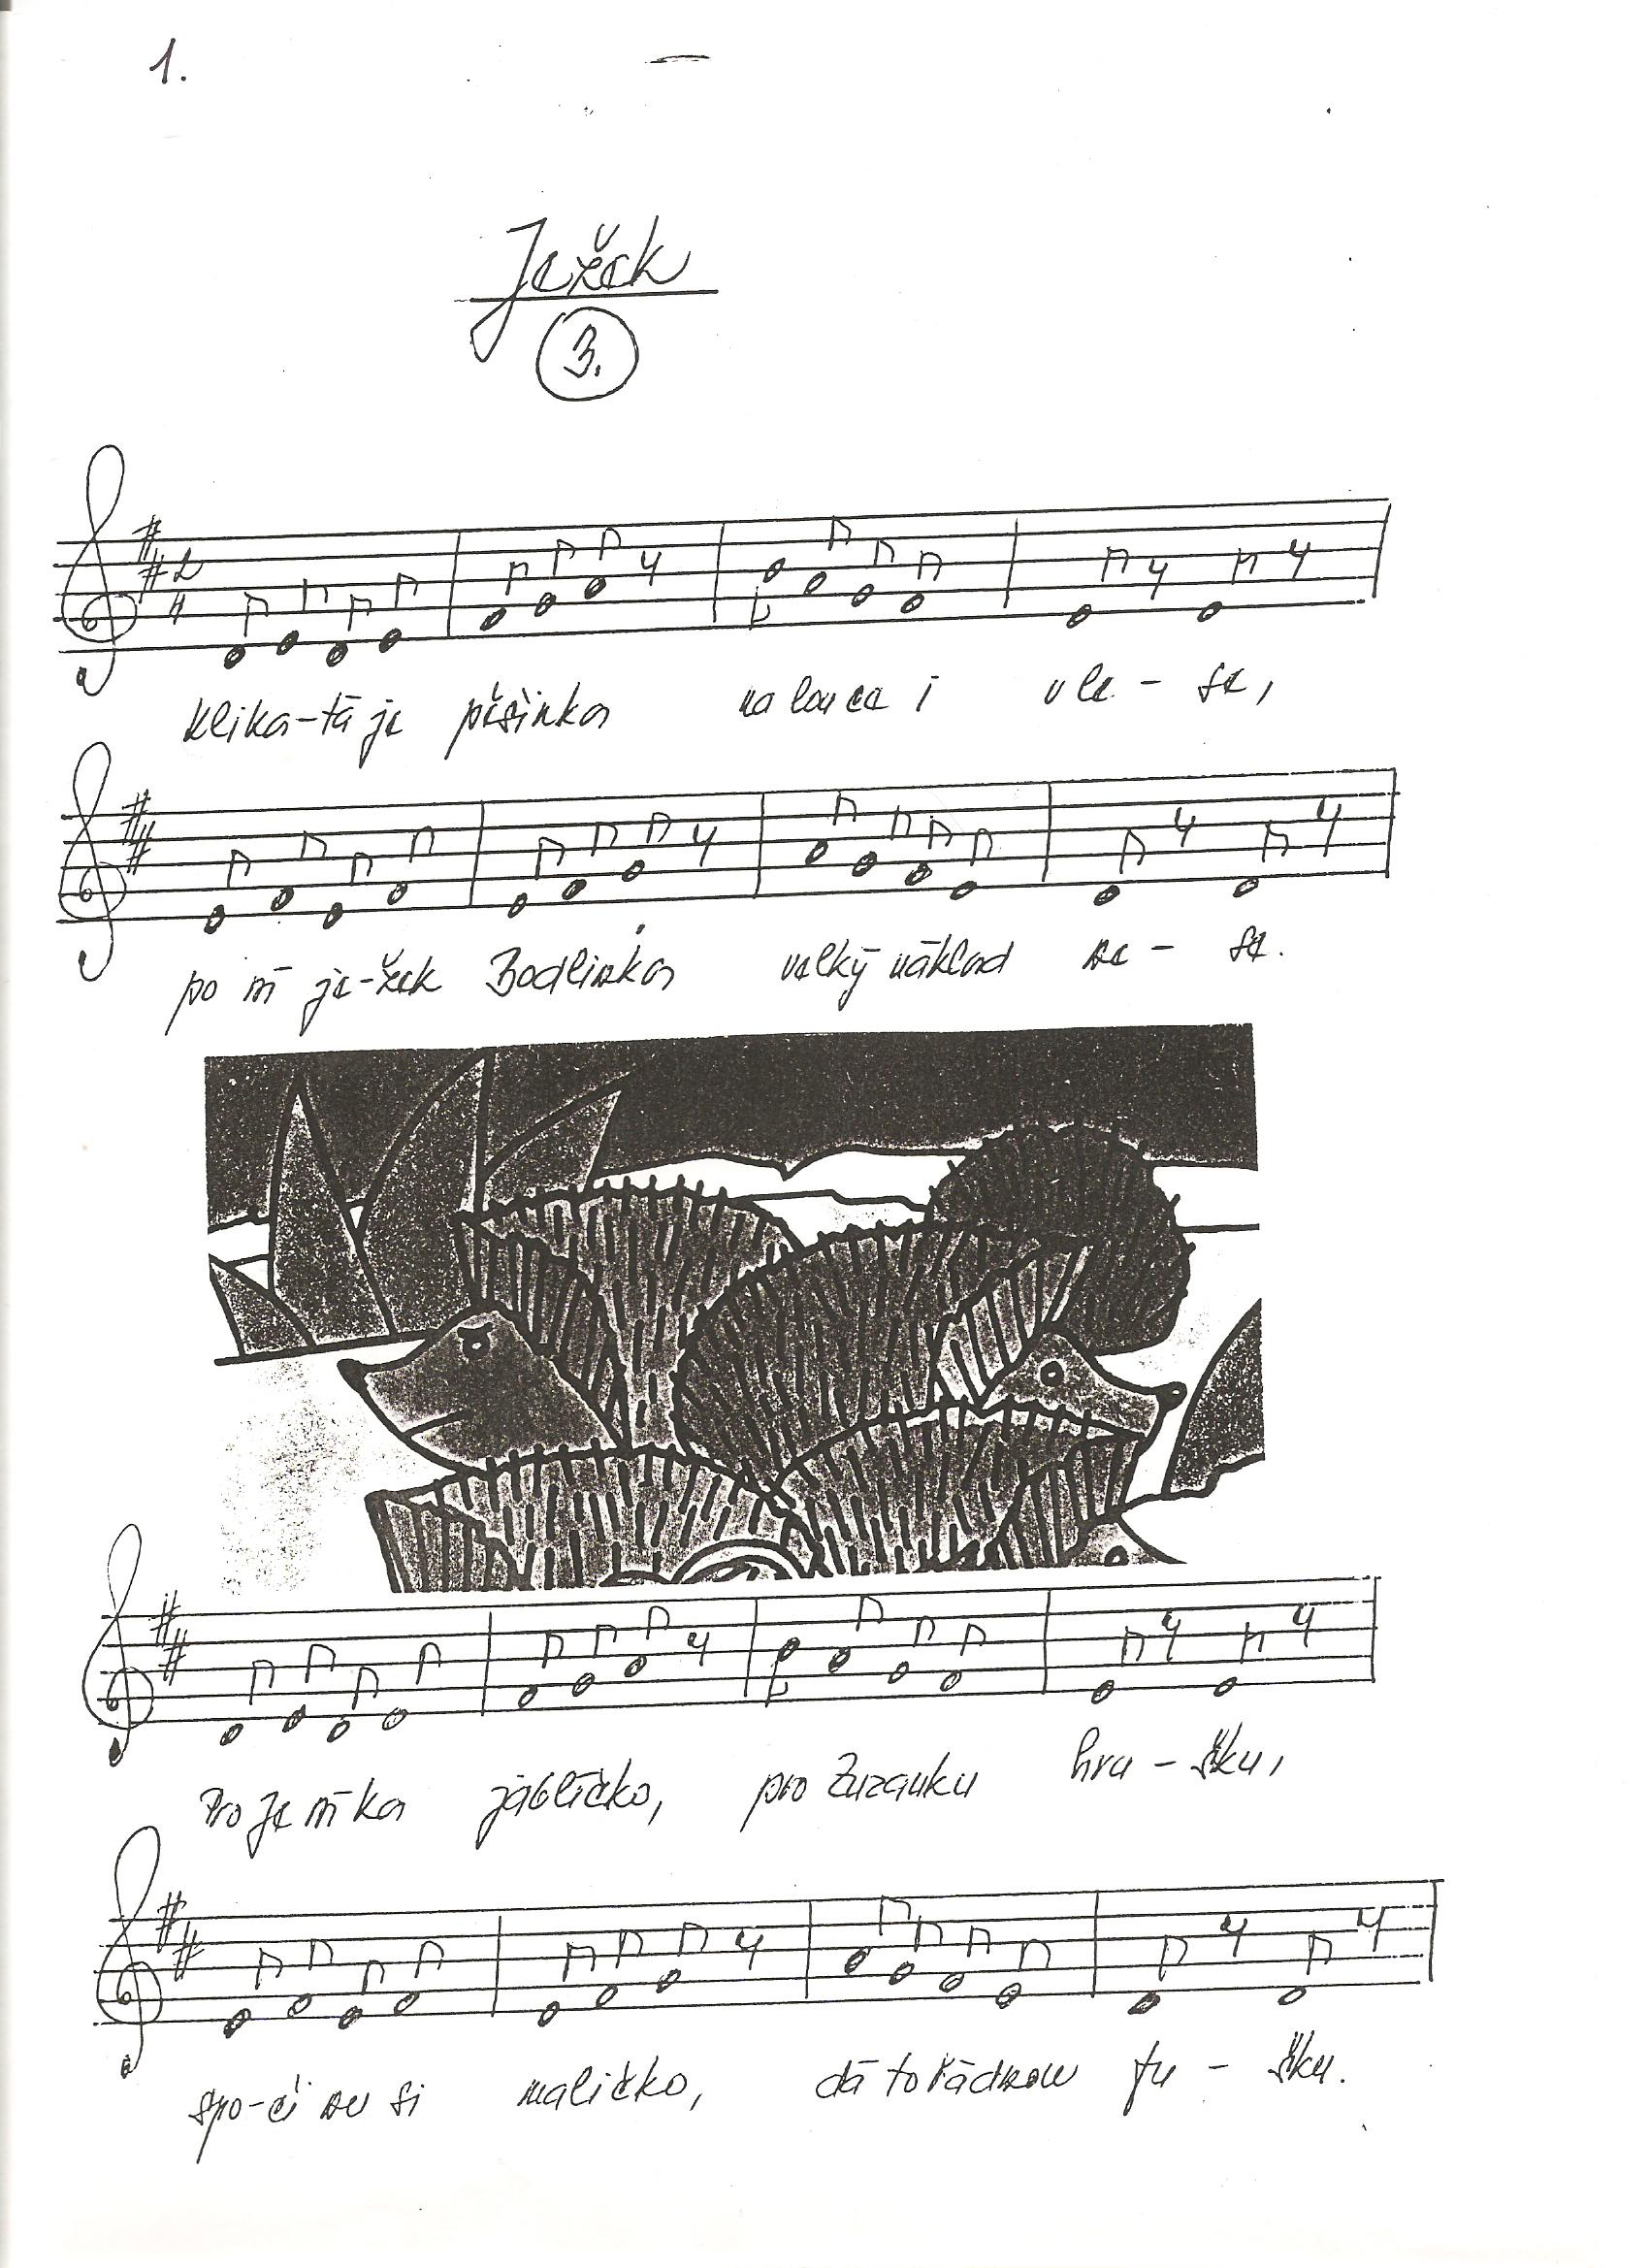 Pisnicky Hudebni Vychova Archives Page 3 Of 5 Predskolaci